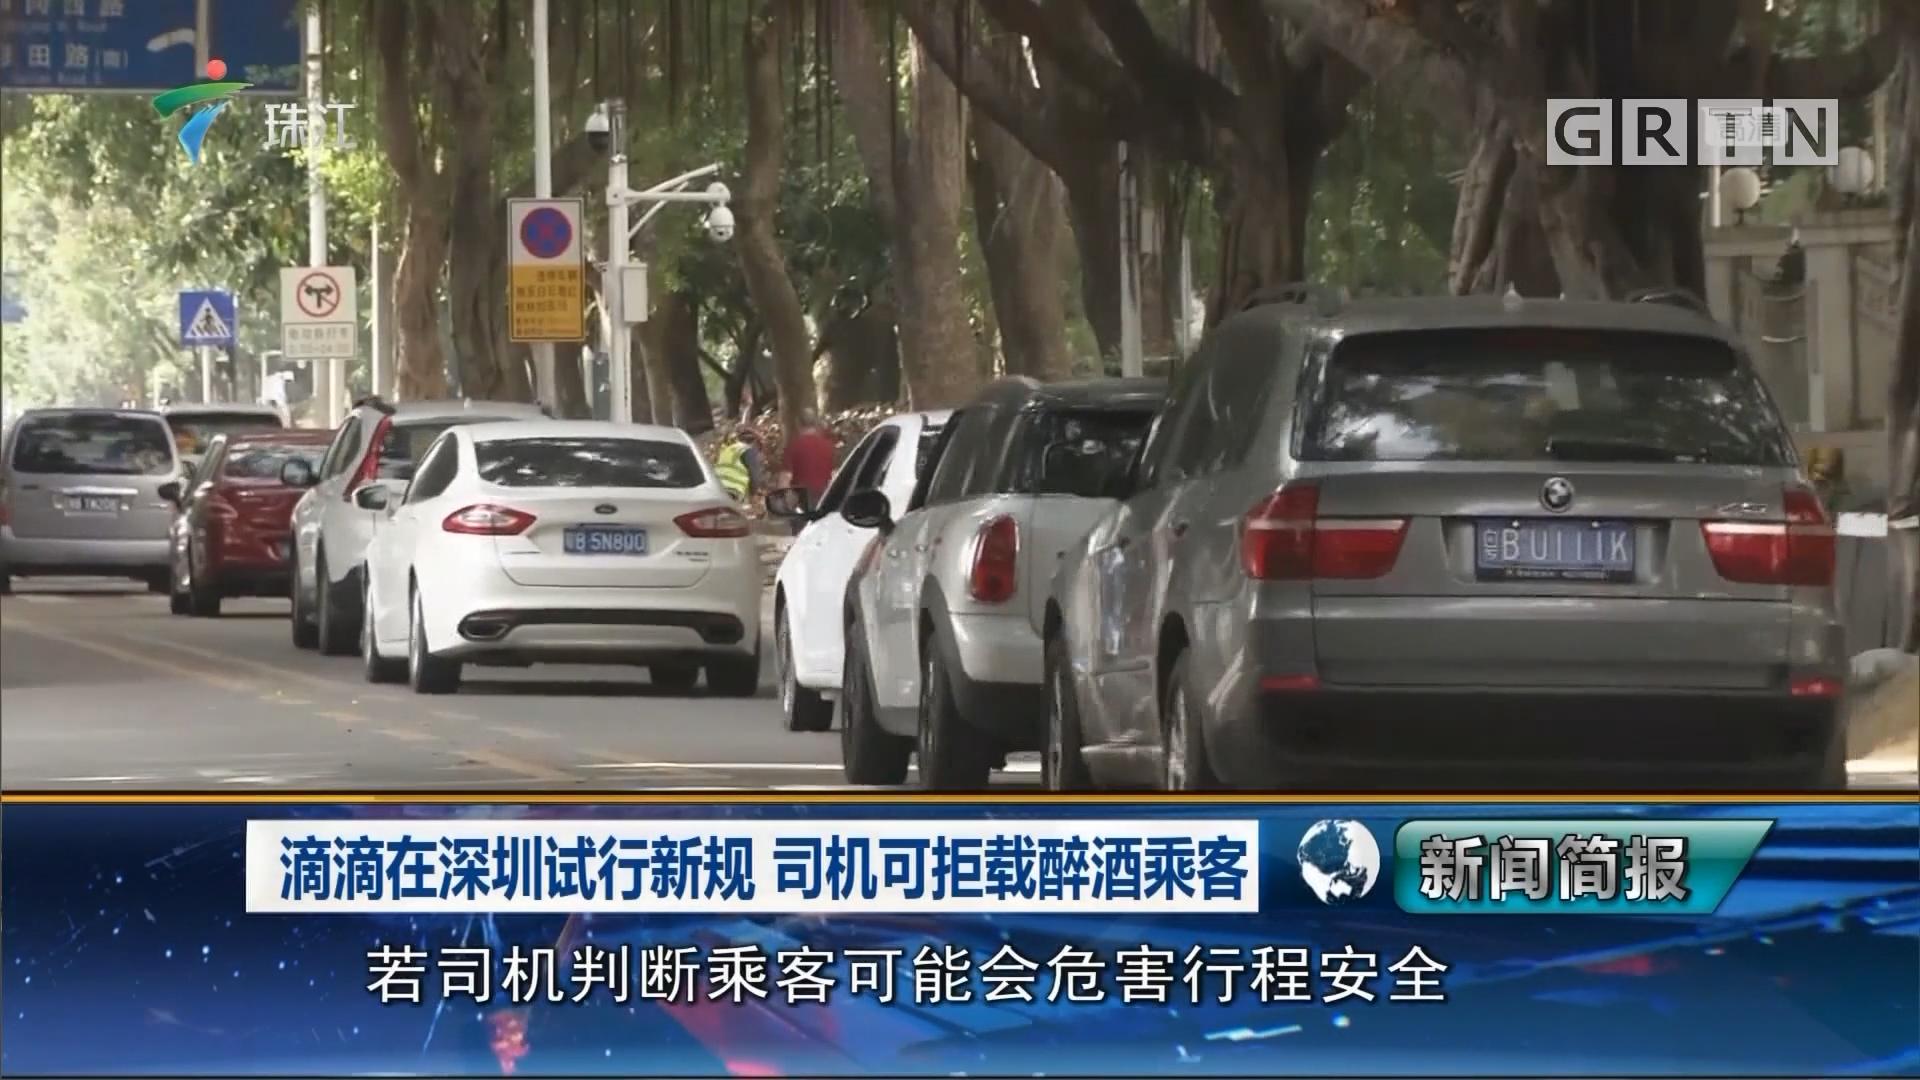 滴滴在深圳试行新规 司机可拒载醉酒乘客